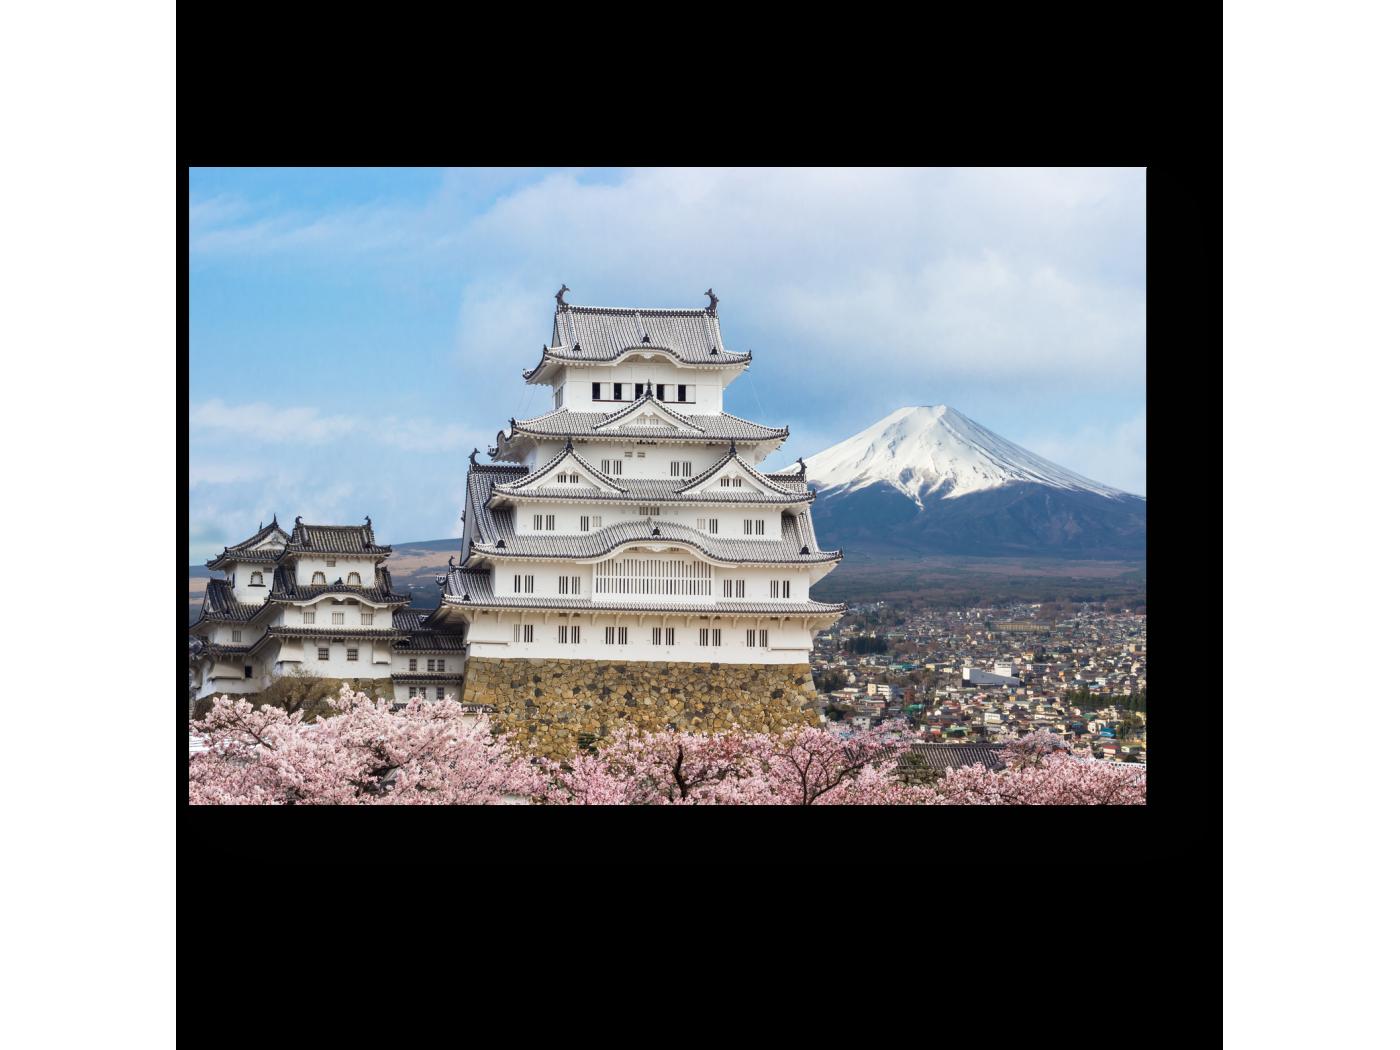 Модульная картина Himeji Castle and full cherry blossom (30x20) фото